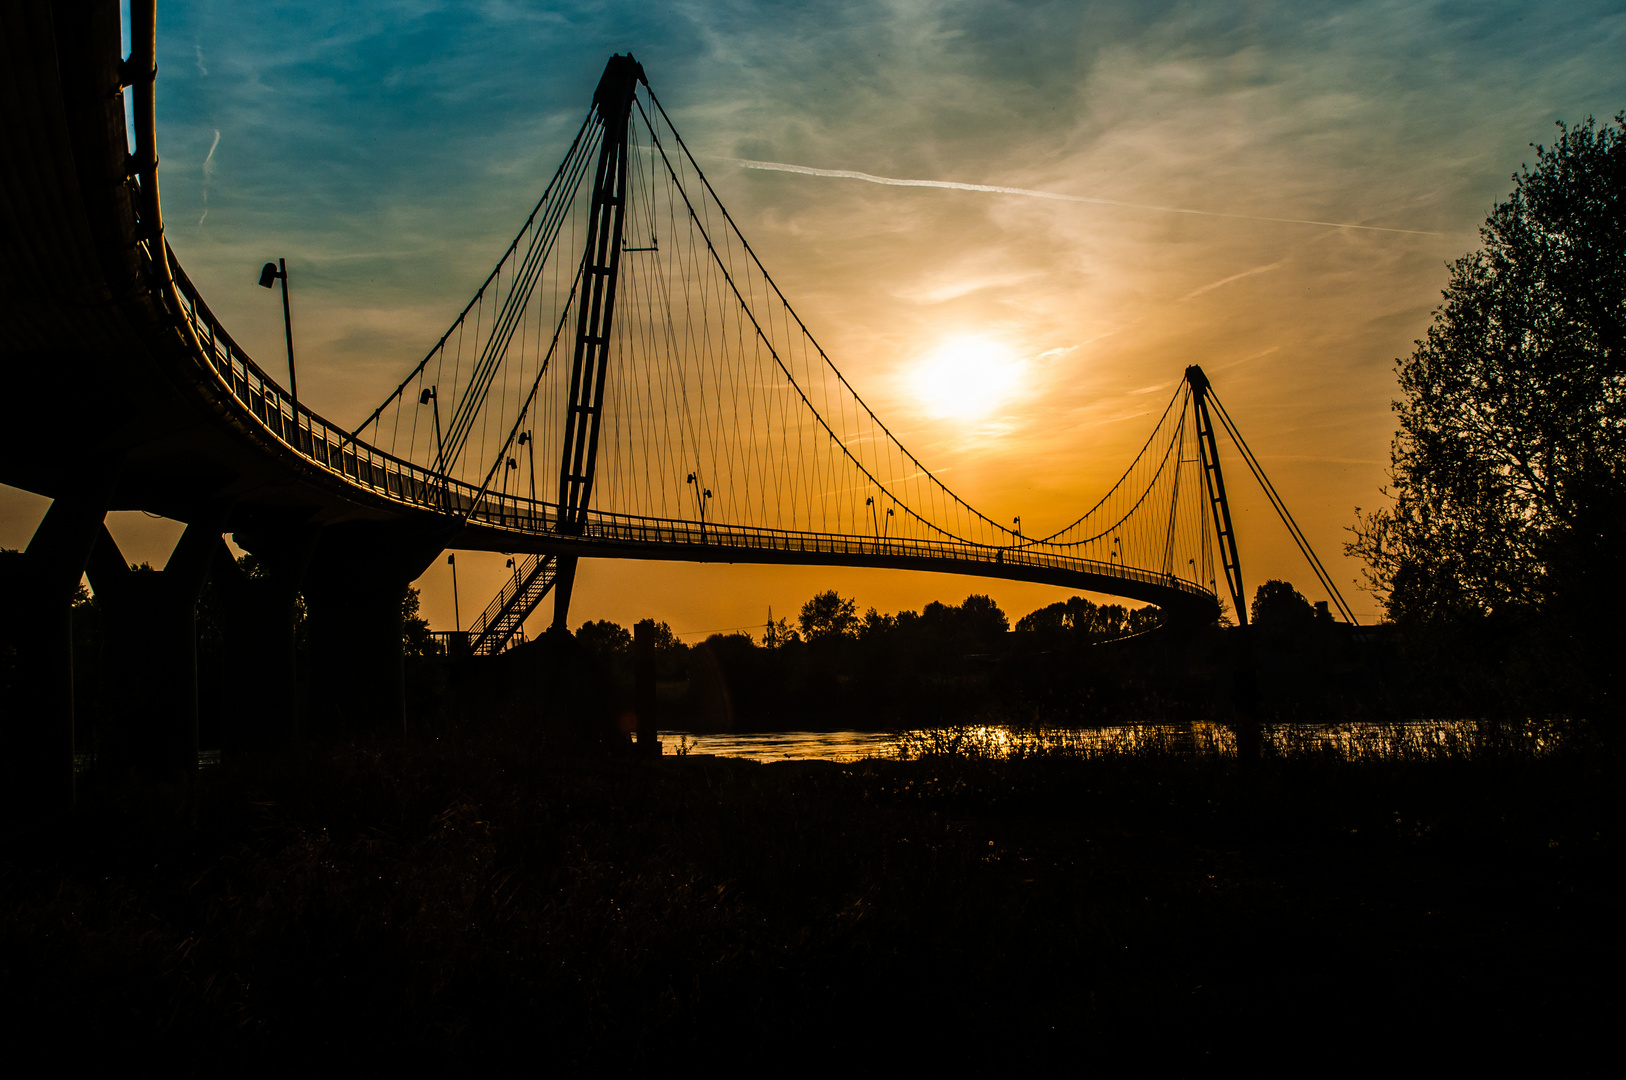 Herrenkrugbrücke in Magdeburg